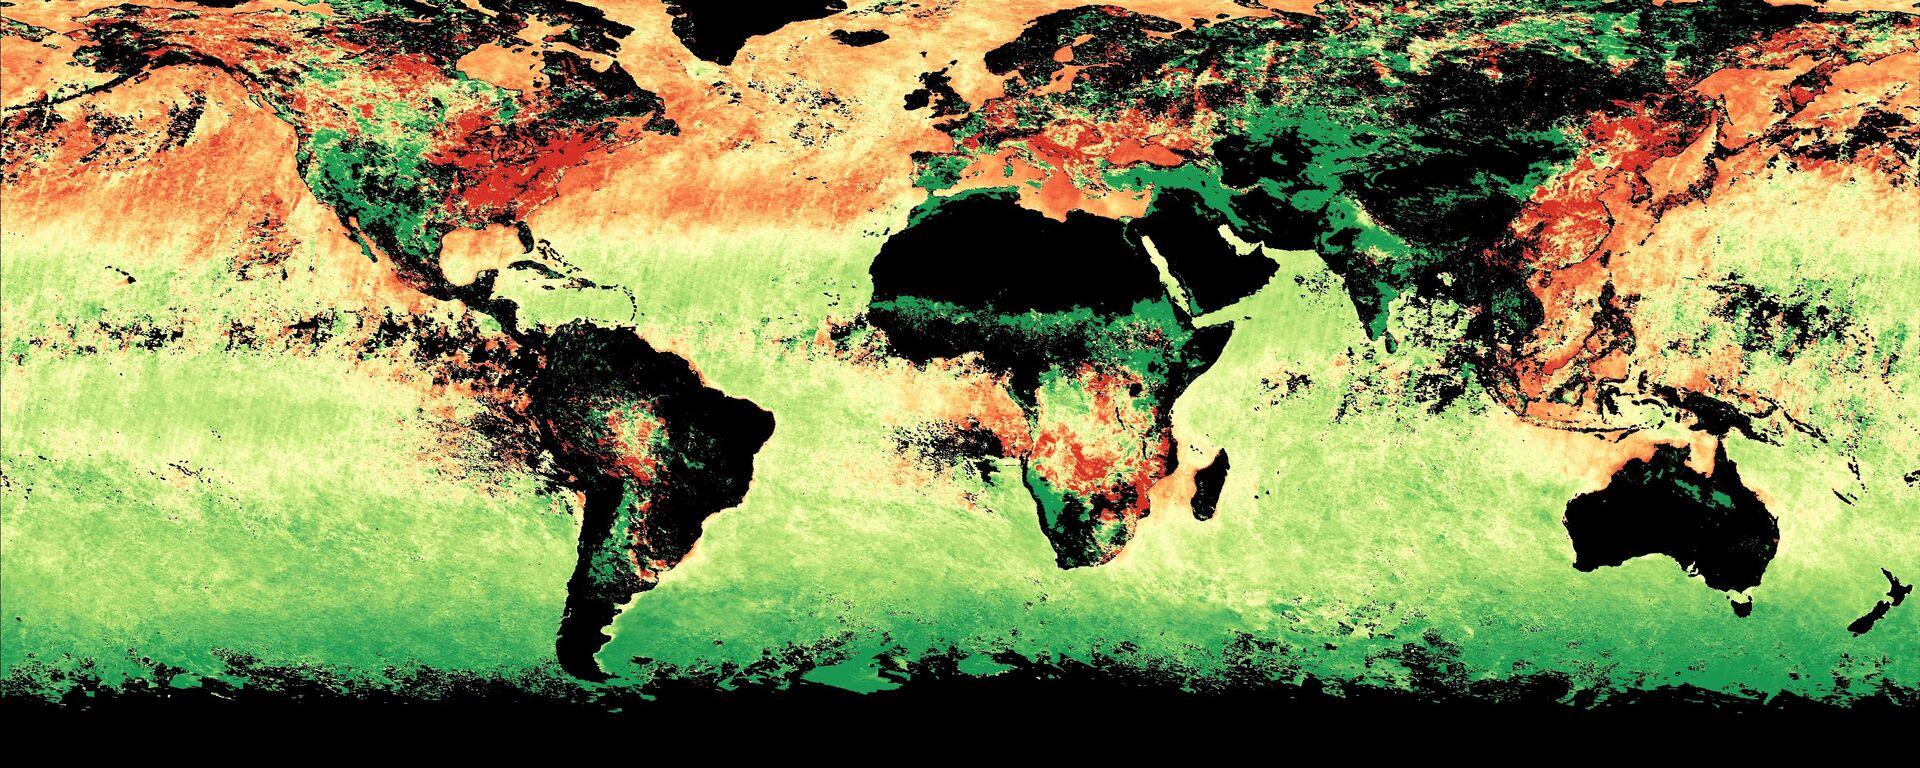 Cambios en la atmósfera terrestre - Sputnik Mundo, 1920, 08.09.2021